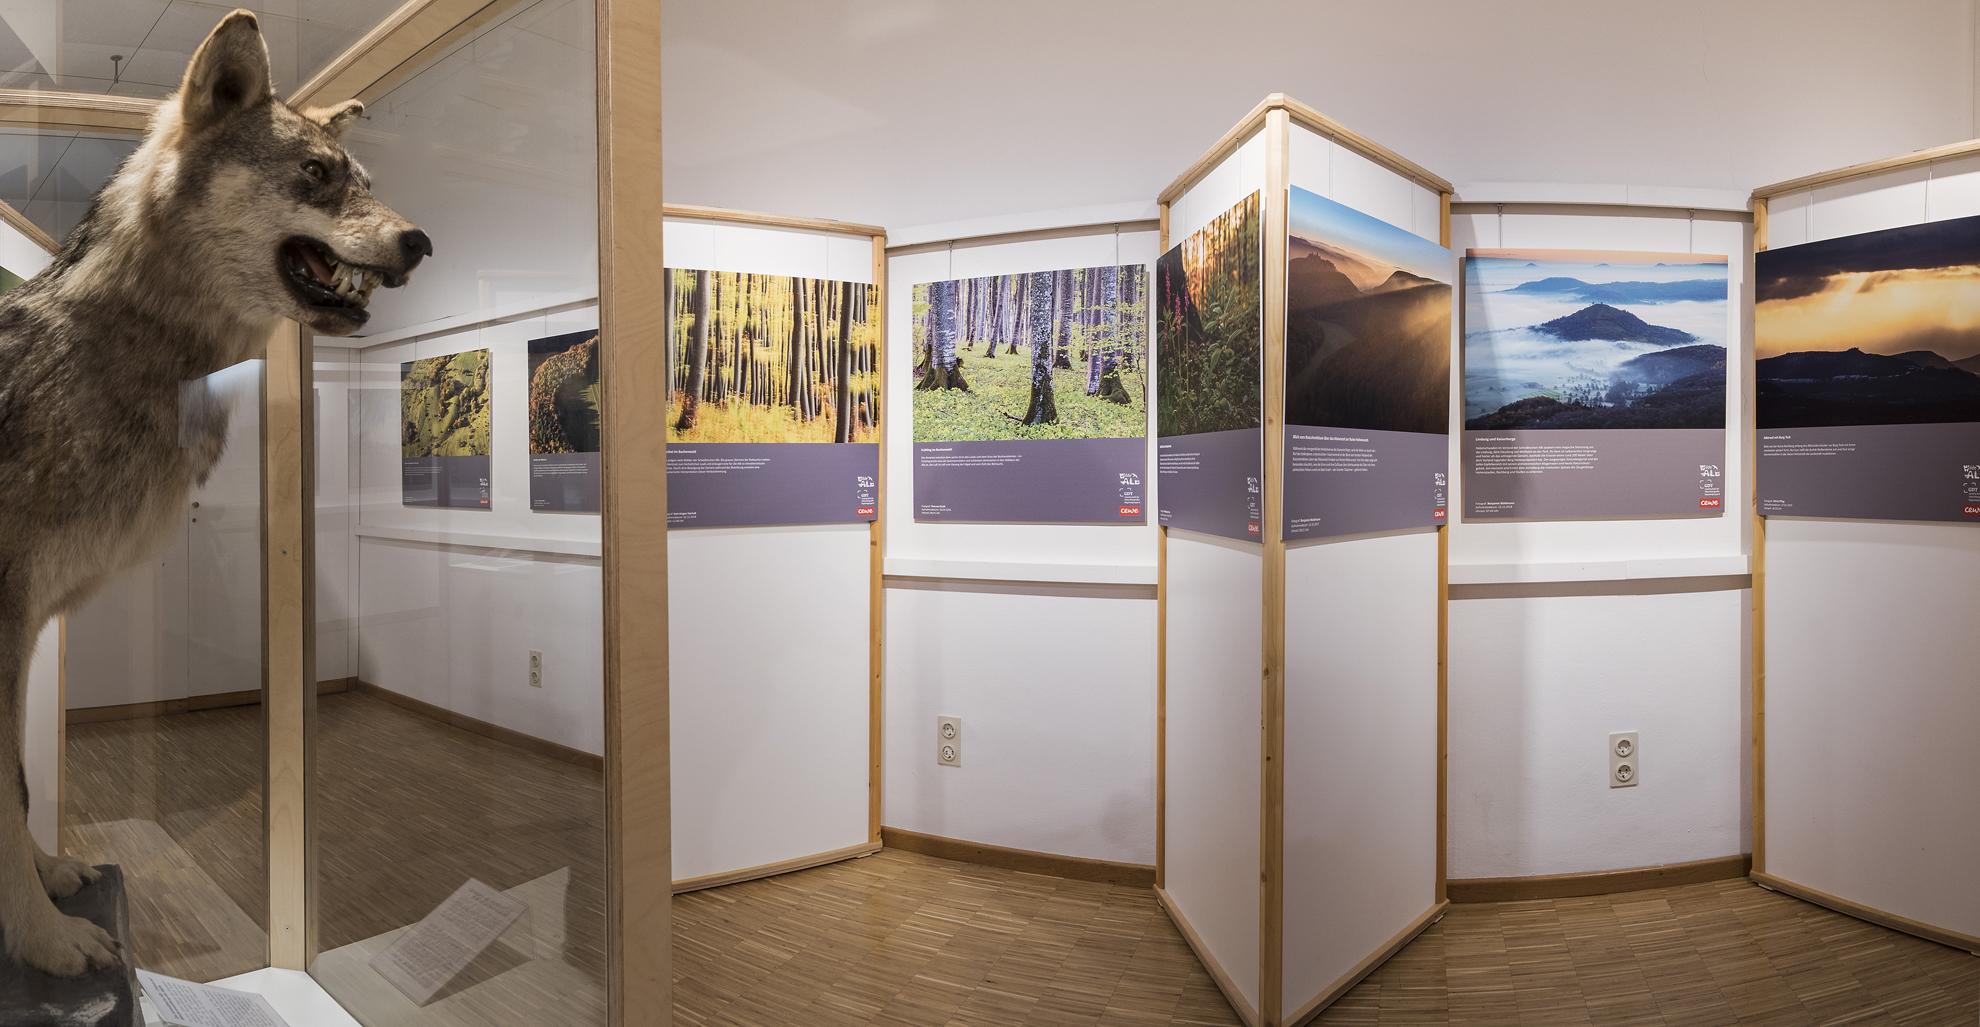 Die Fotoausstellung im Naturkundlichen Bildungszentrum Ulm wird durch originale Tierpräparate bereichert.  (Foto: G. Schenk)